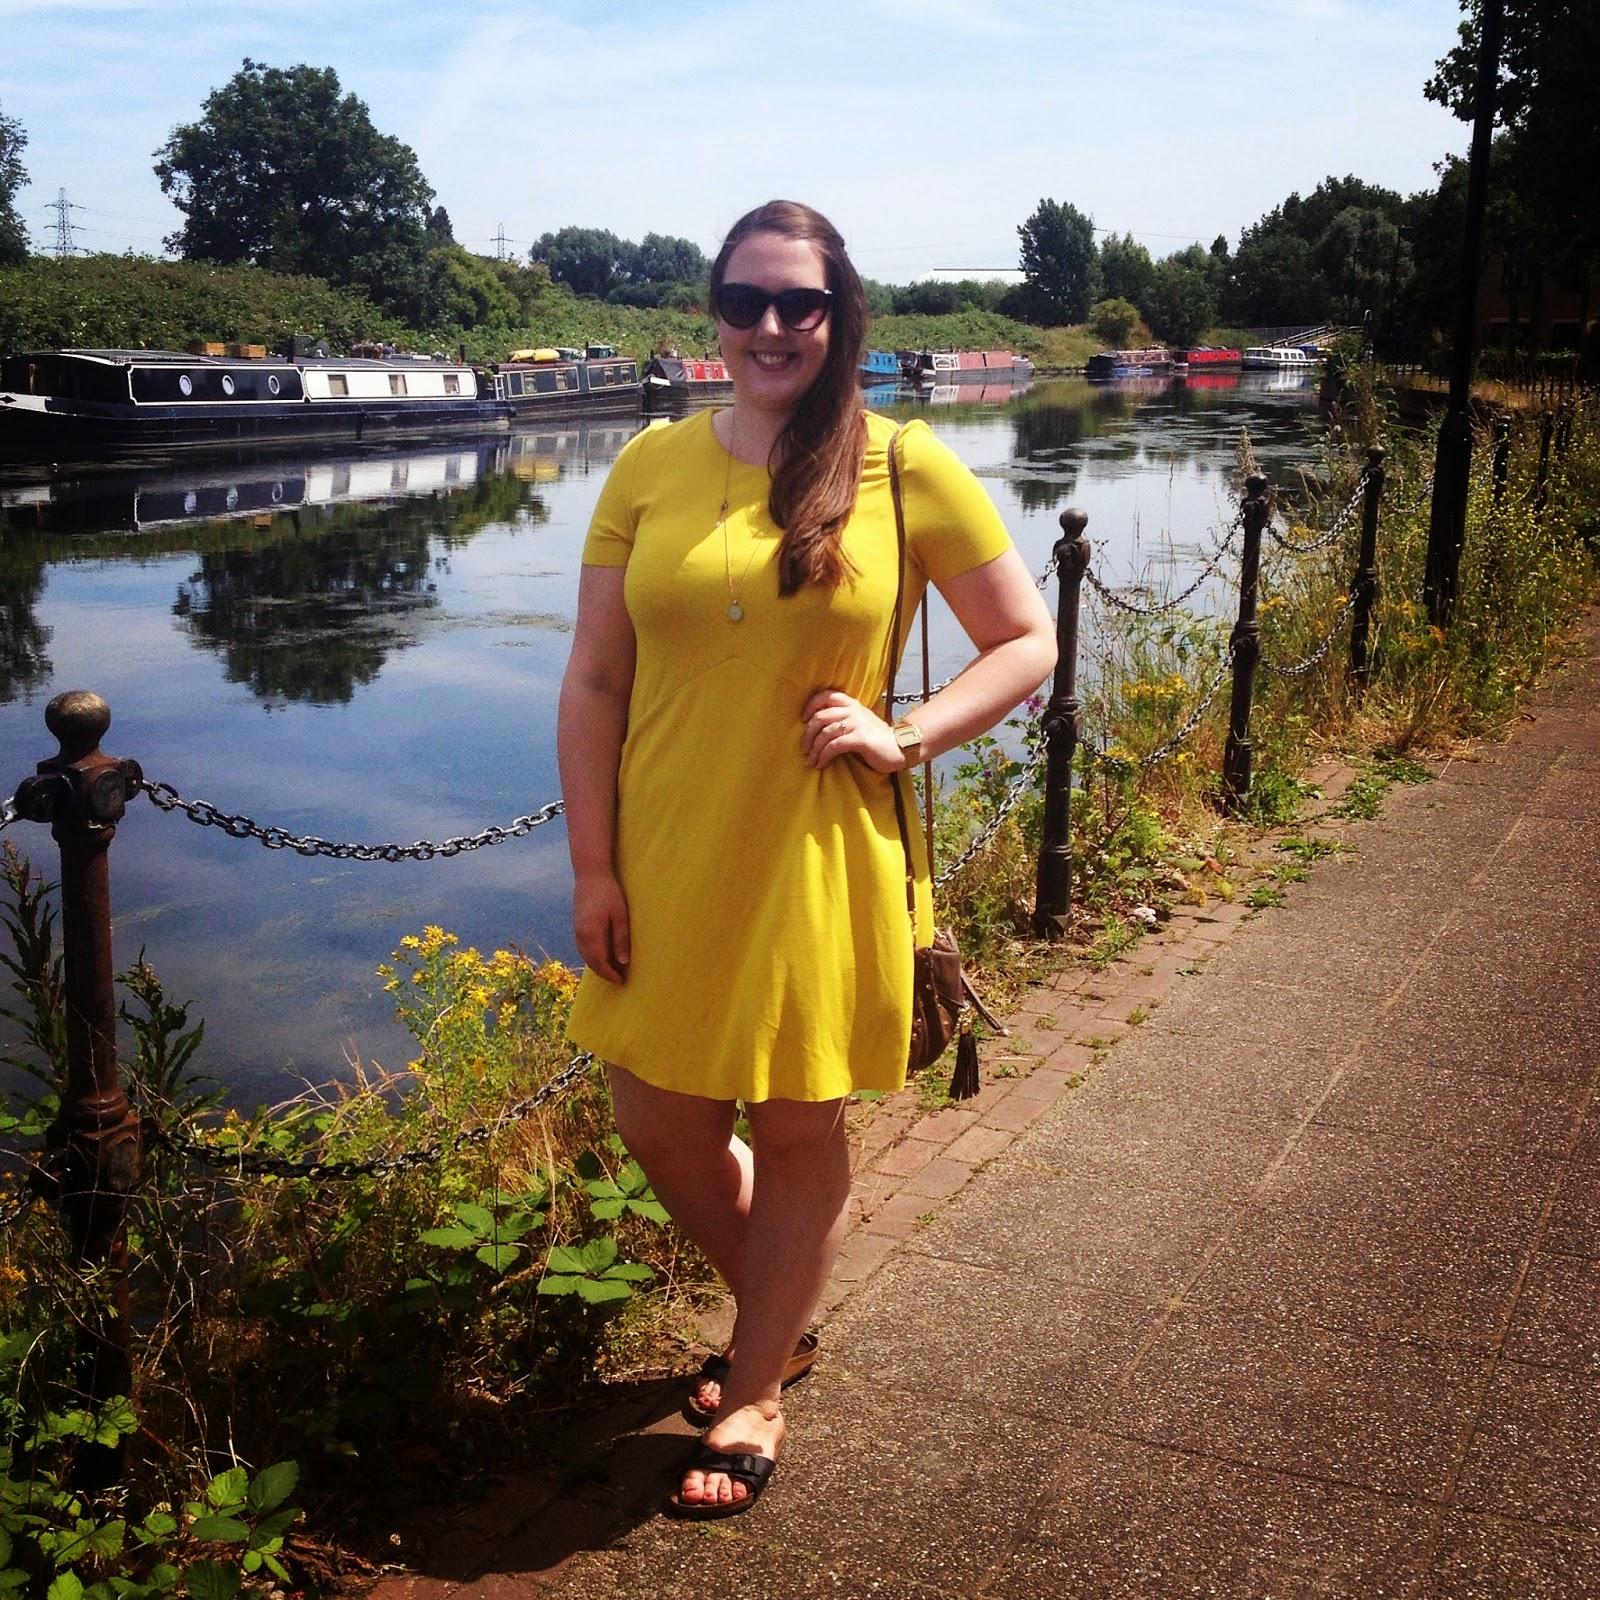 yellow dress near me bank